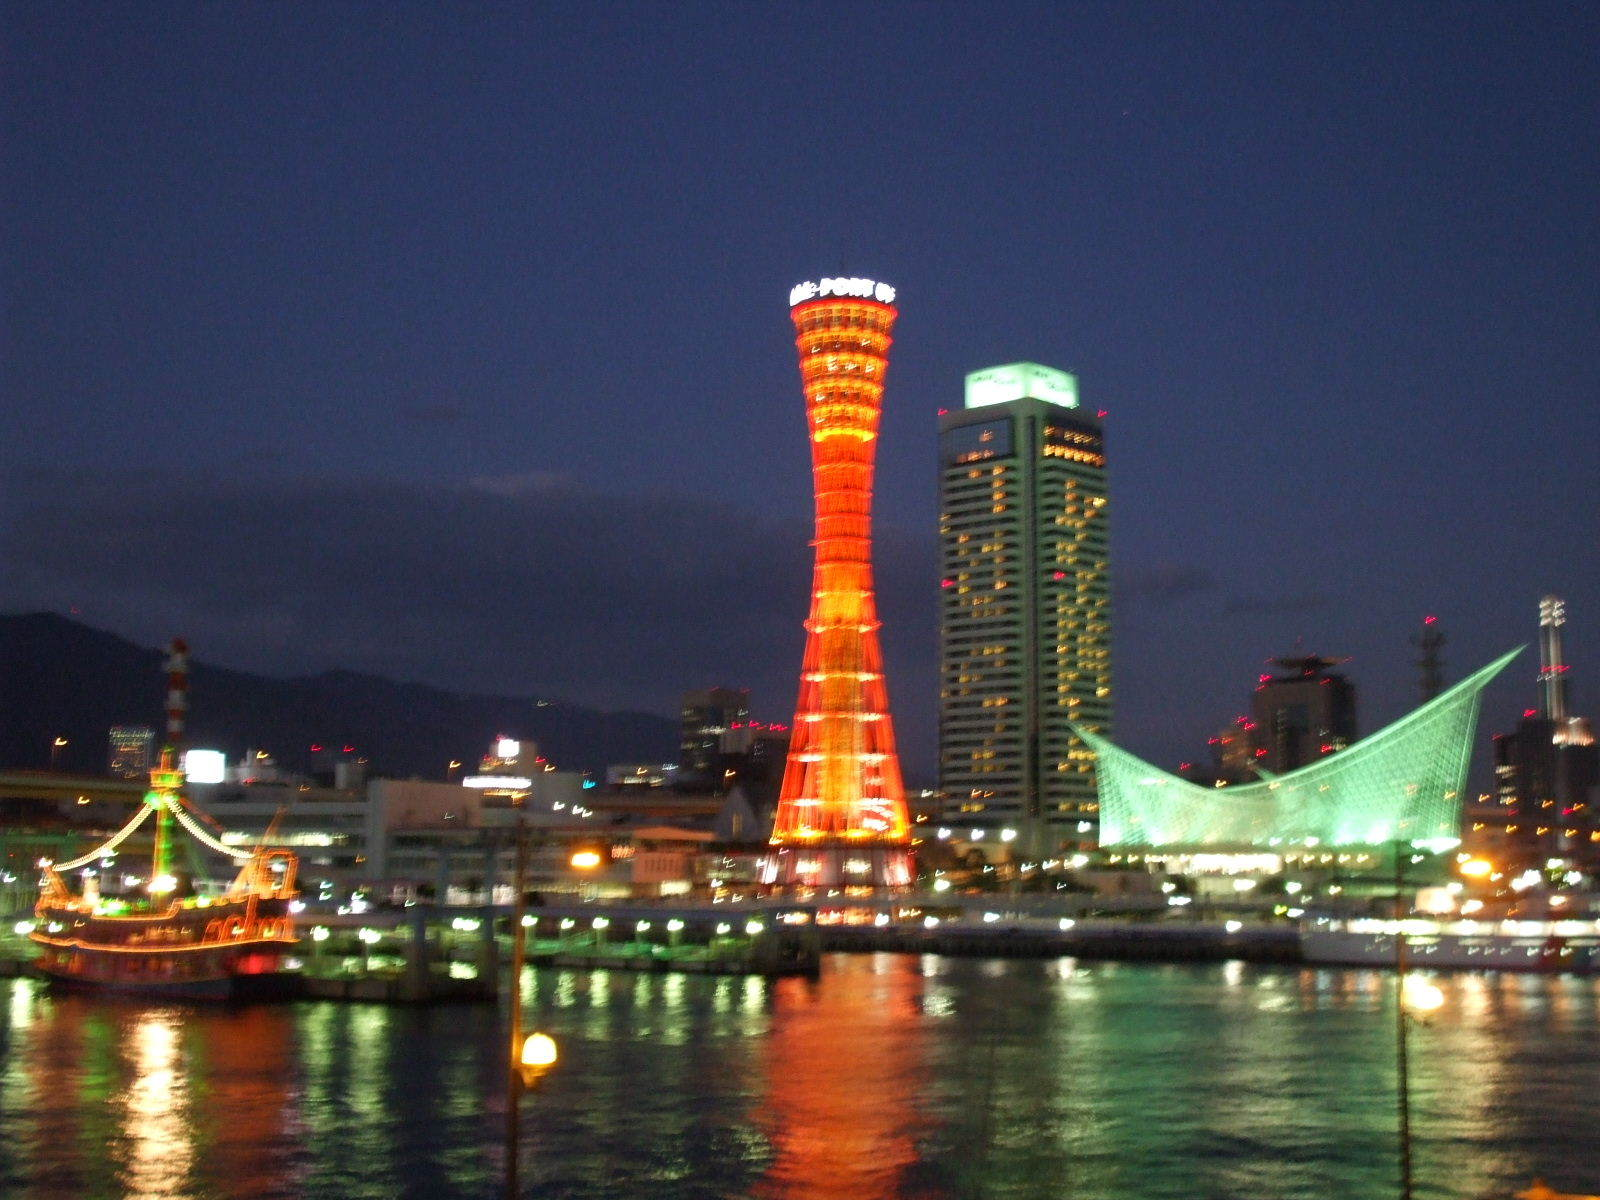 【神戸ポートタワー、メリケンパーク、モザイク】 昼はショッピング、夜は夜景を楽しんで